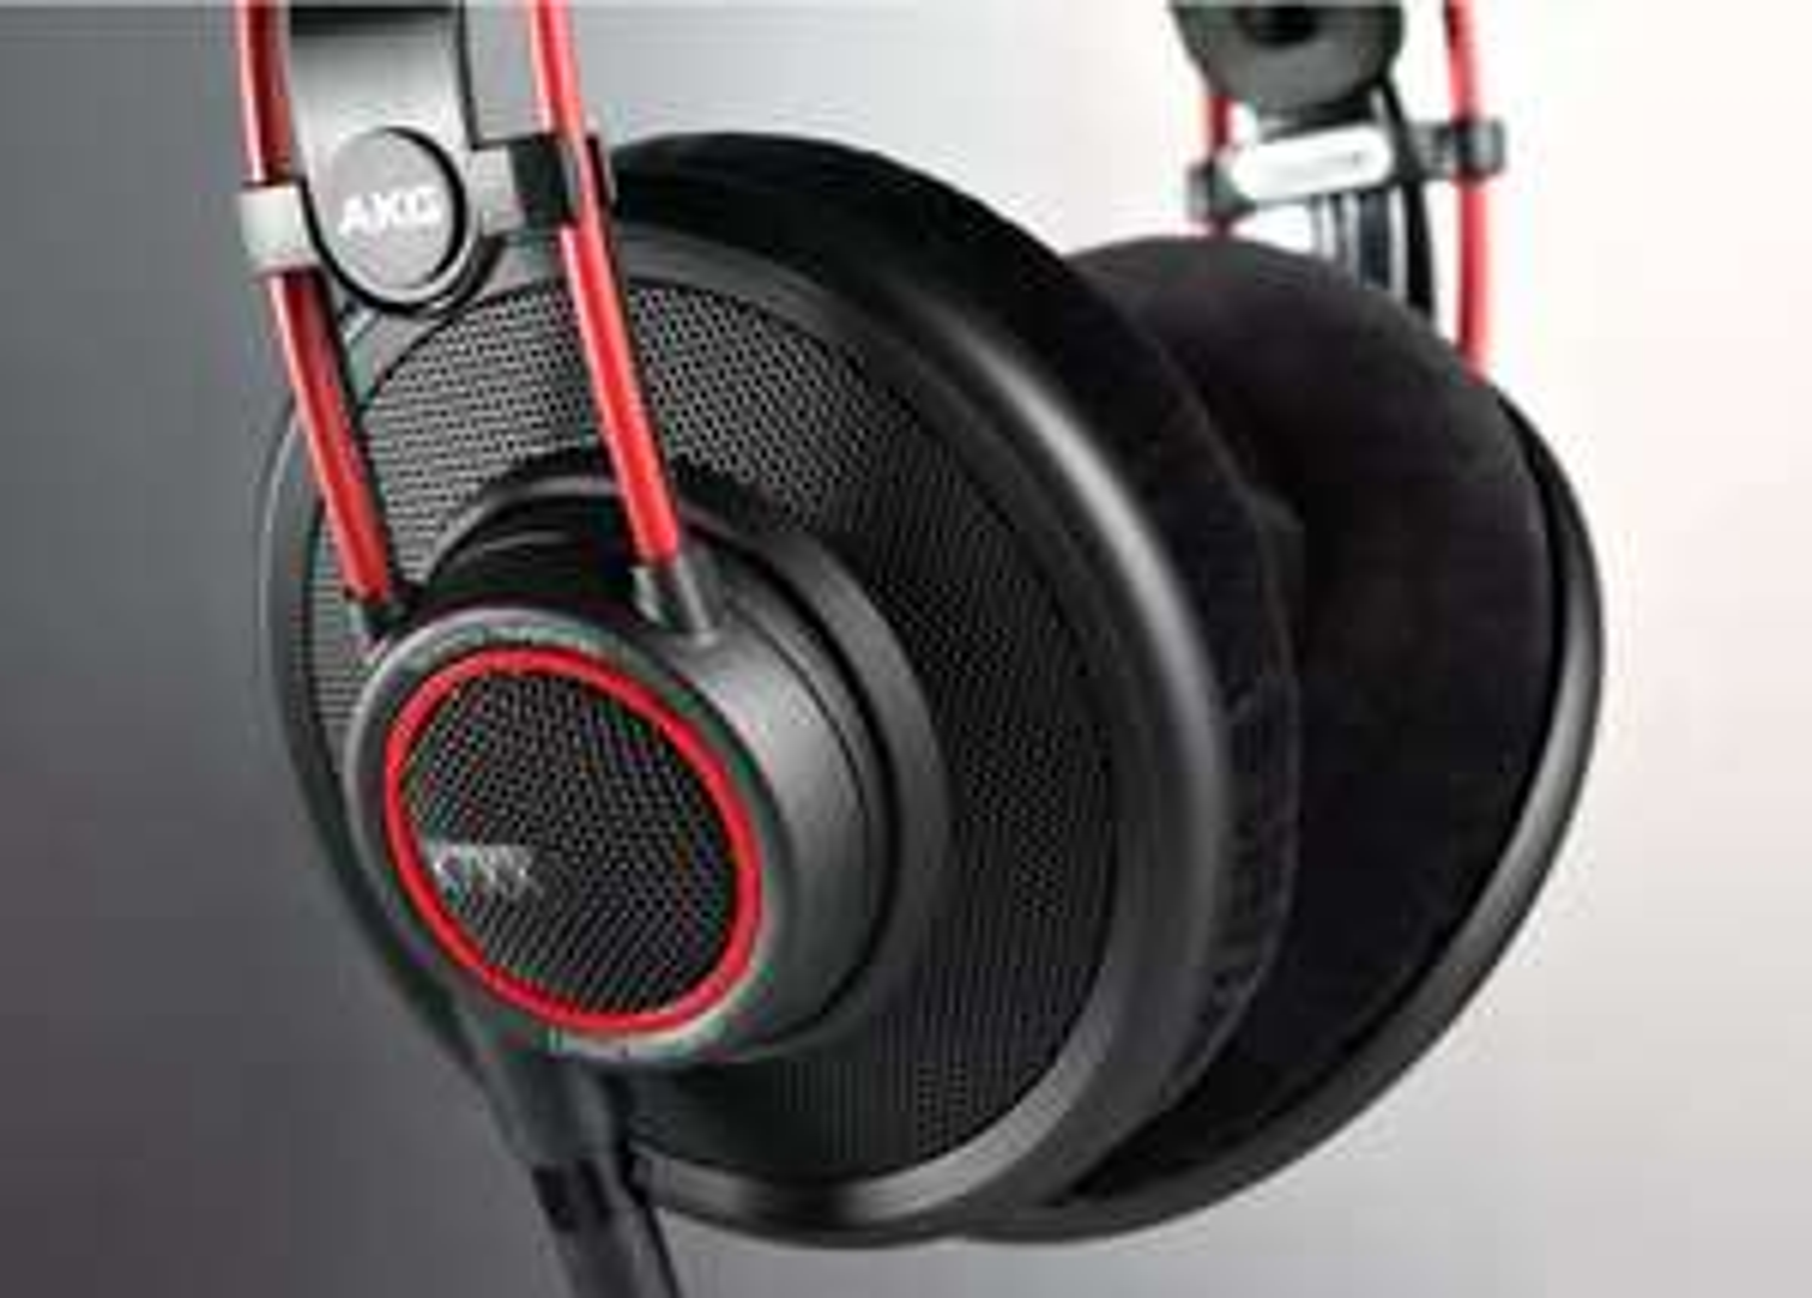 [Massdrop] AKG K7XX Limited Red Edition - offene Over-Ear HiFi Kopfhörer (mit Zoll und USt.) für 248€